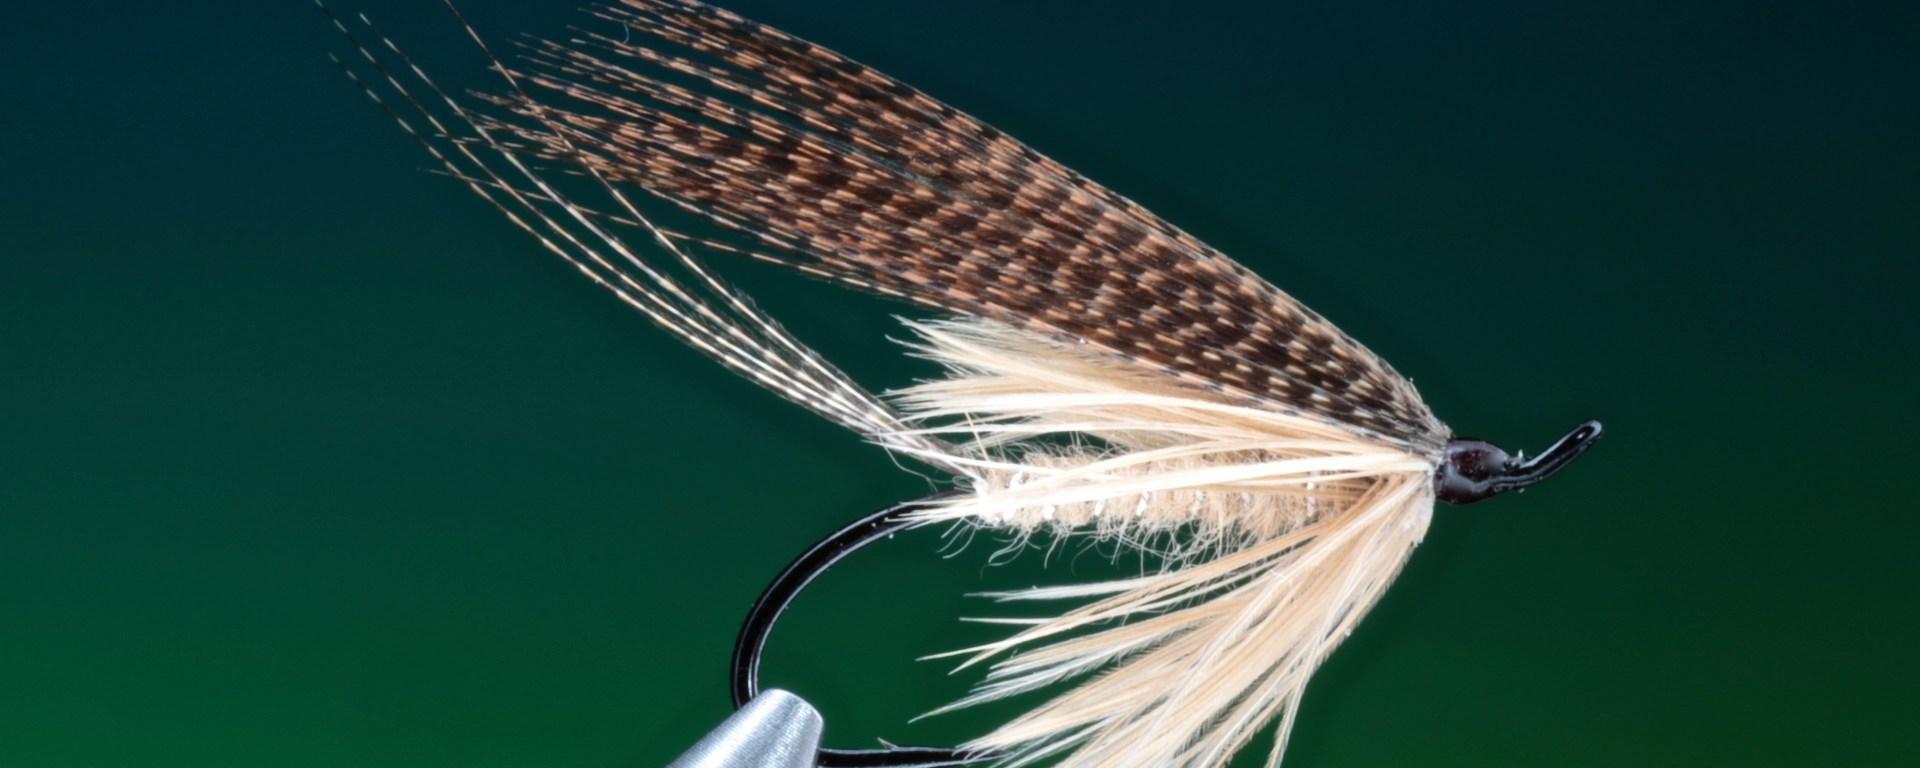 mayfly wet